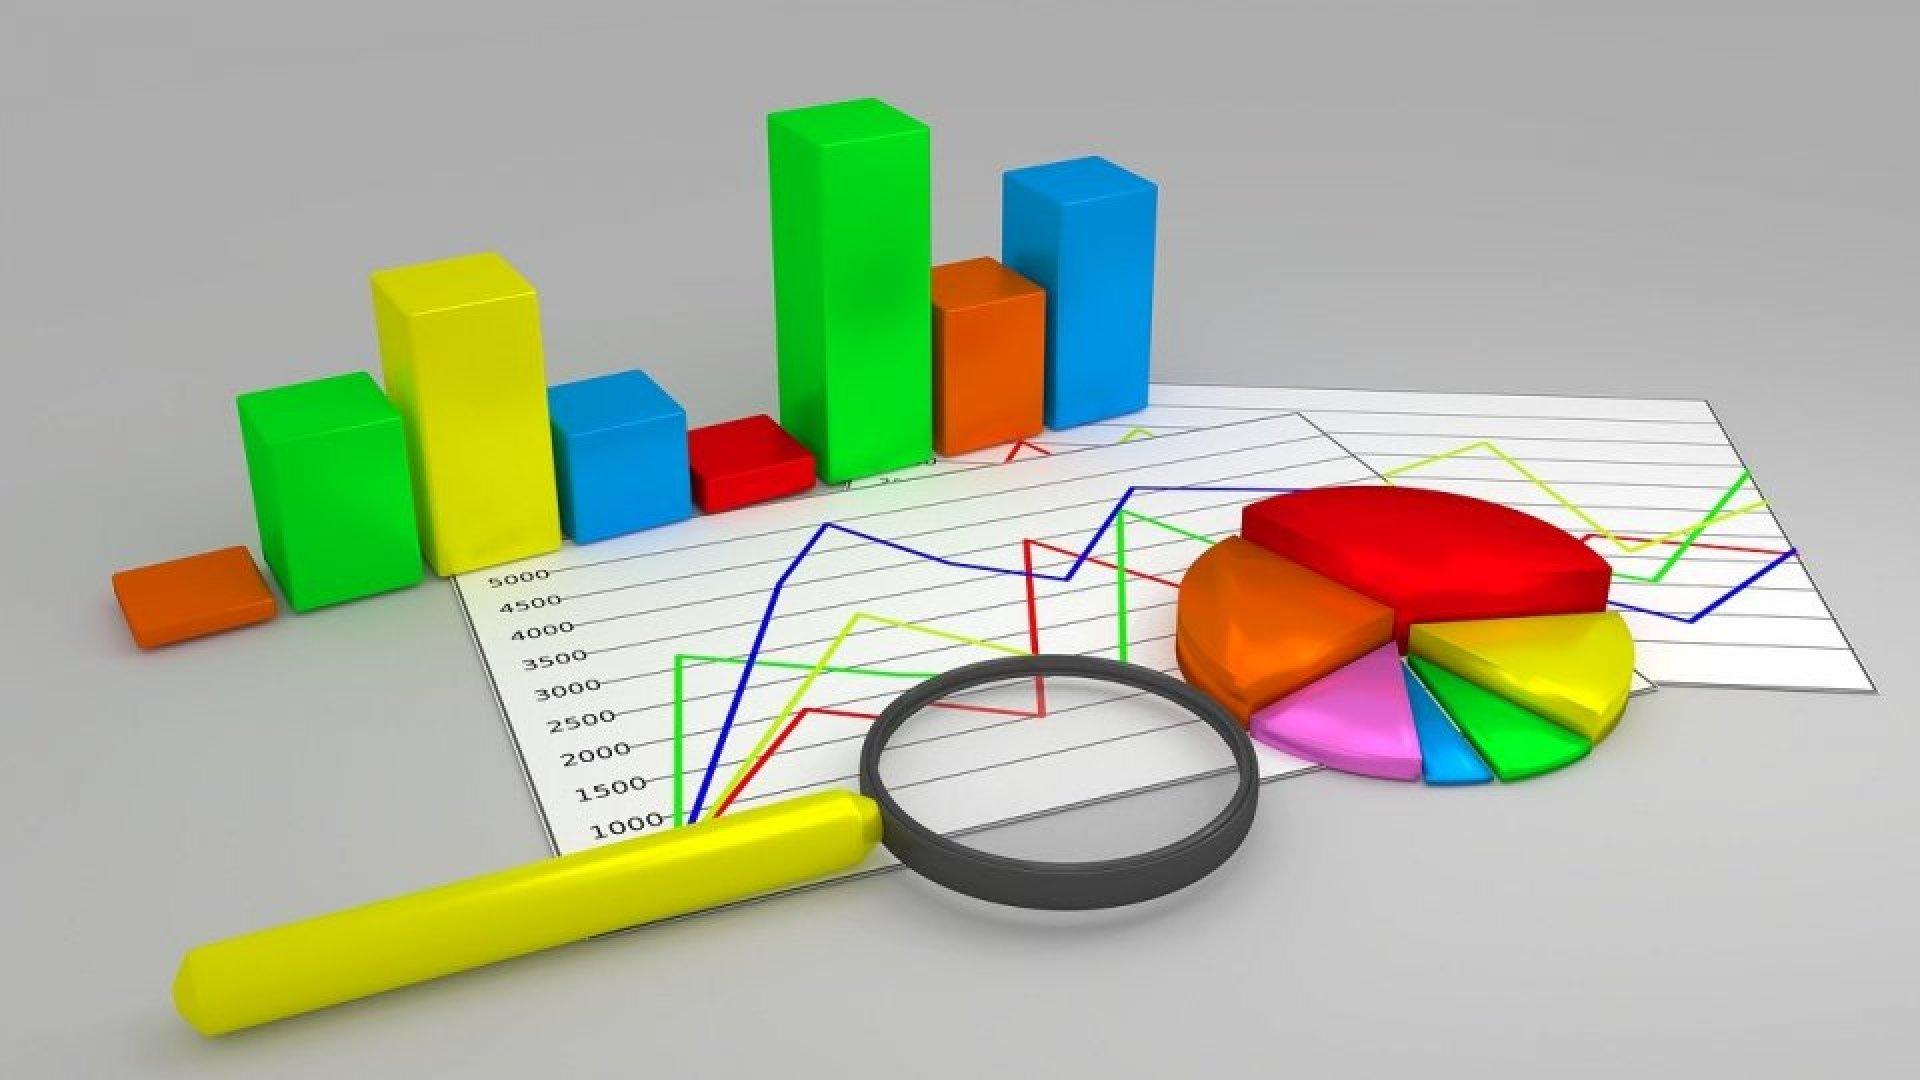 Изследването се провежда паралелно във всички страни от Европейския съюз с обща методология и инструментариум. Снимката е илюстративна